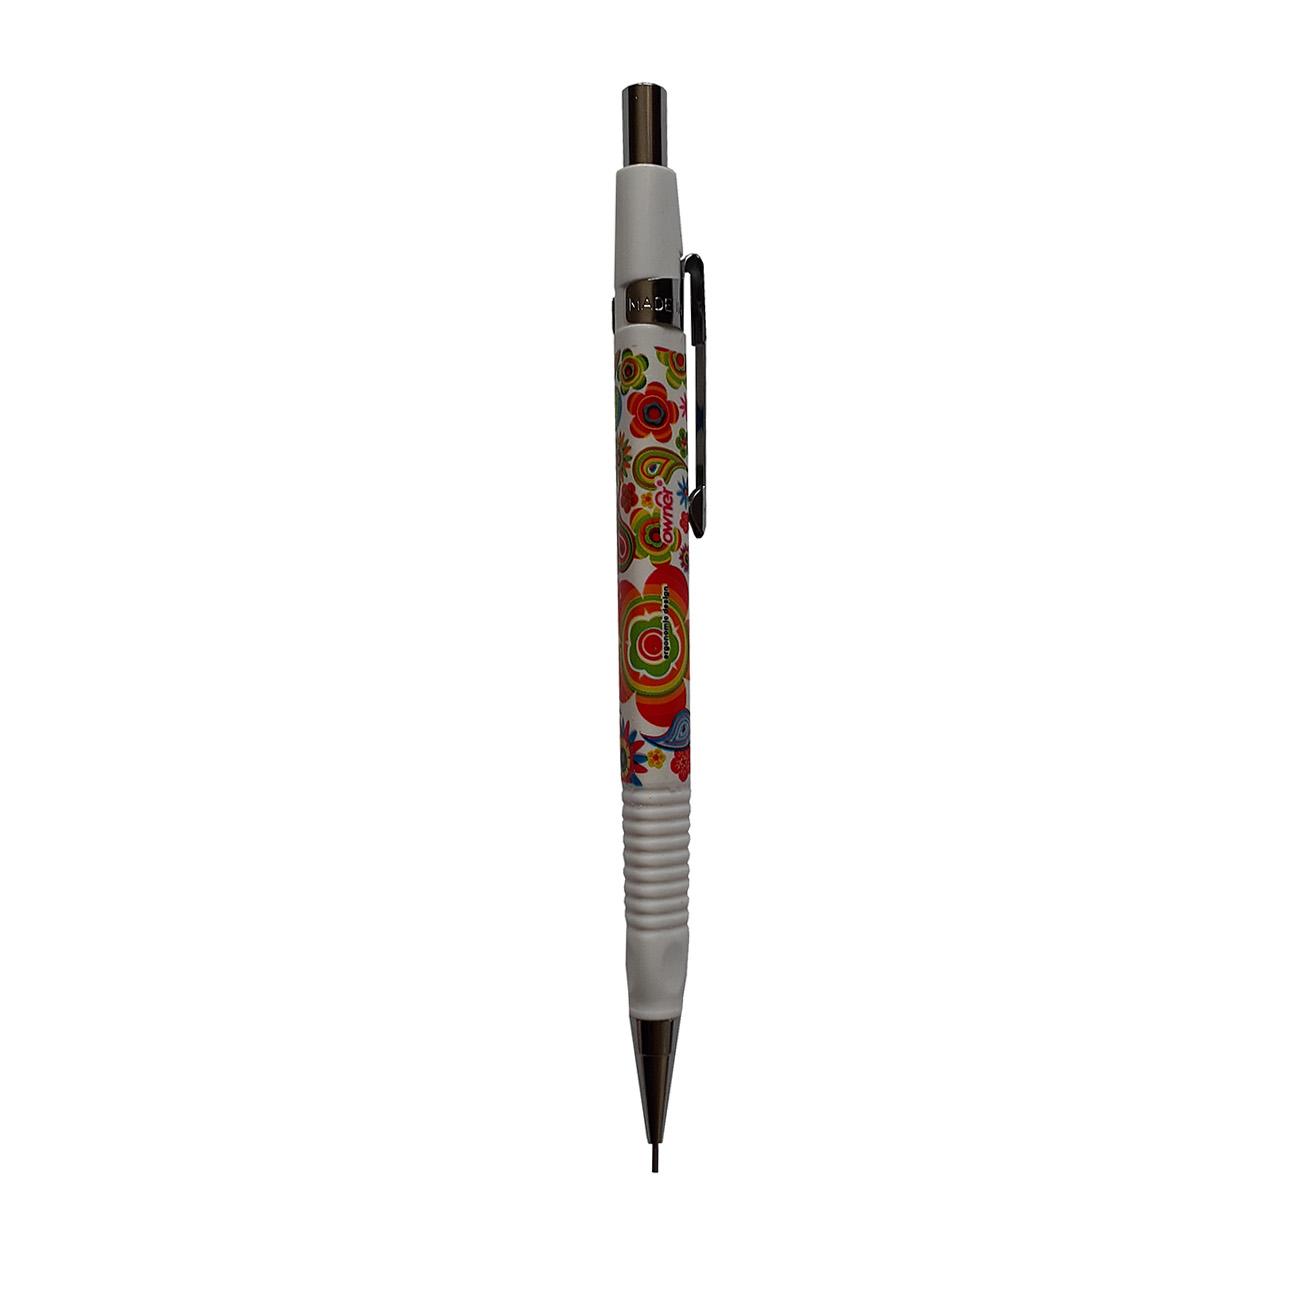 مداد نوکی 0.7 میلیمتری اونر کد 113552